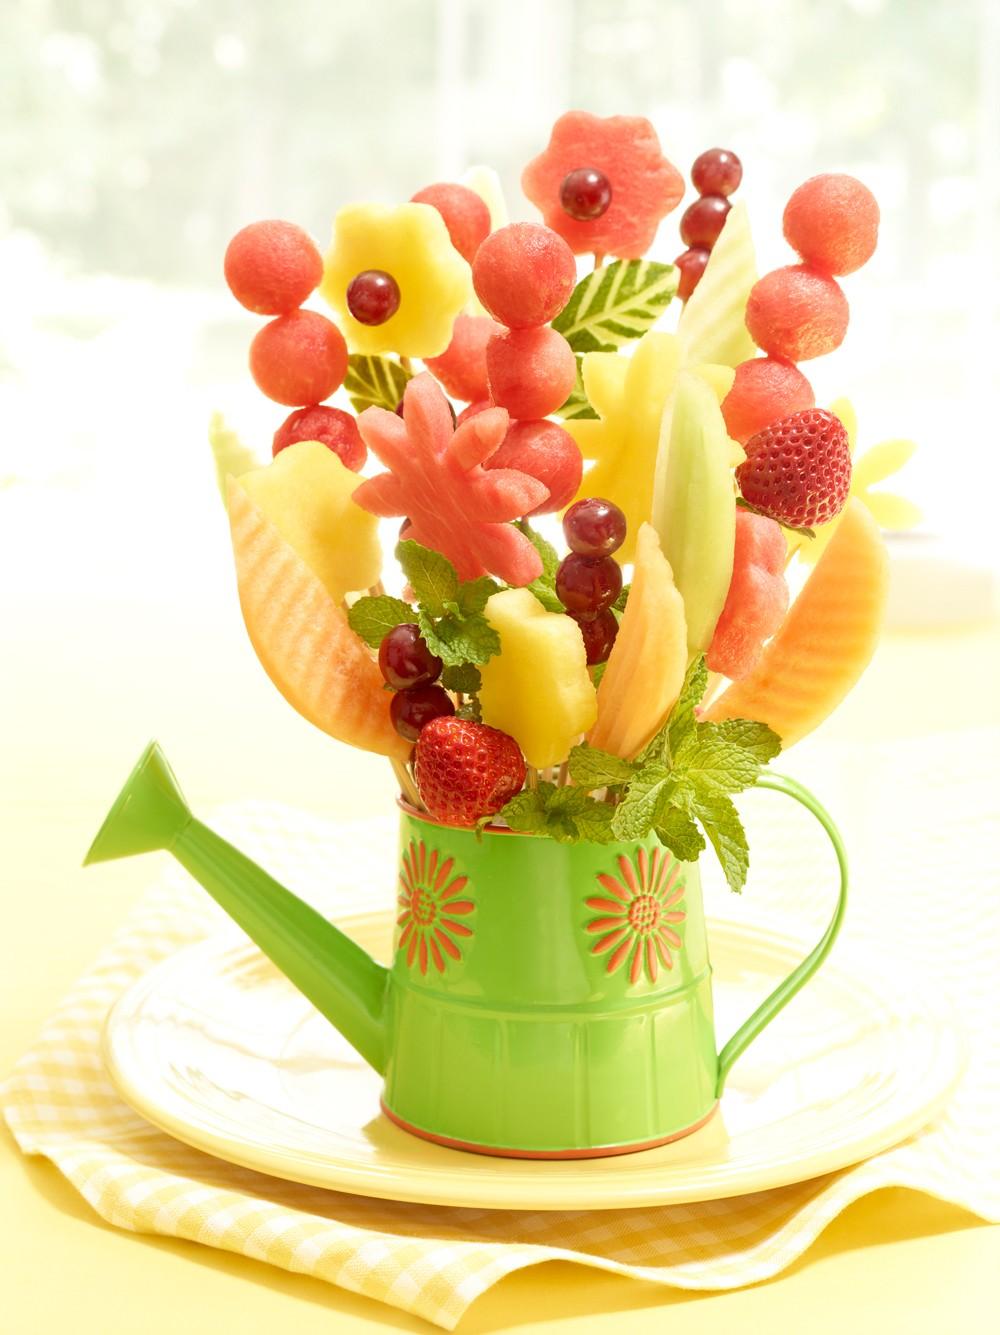 میوه آرایی شب یلدا - تزیین هندوانه